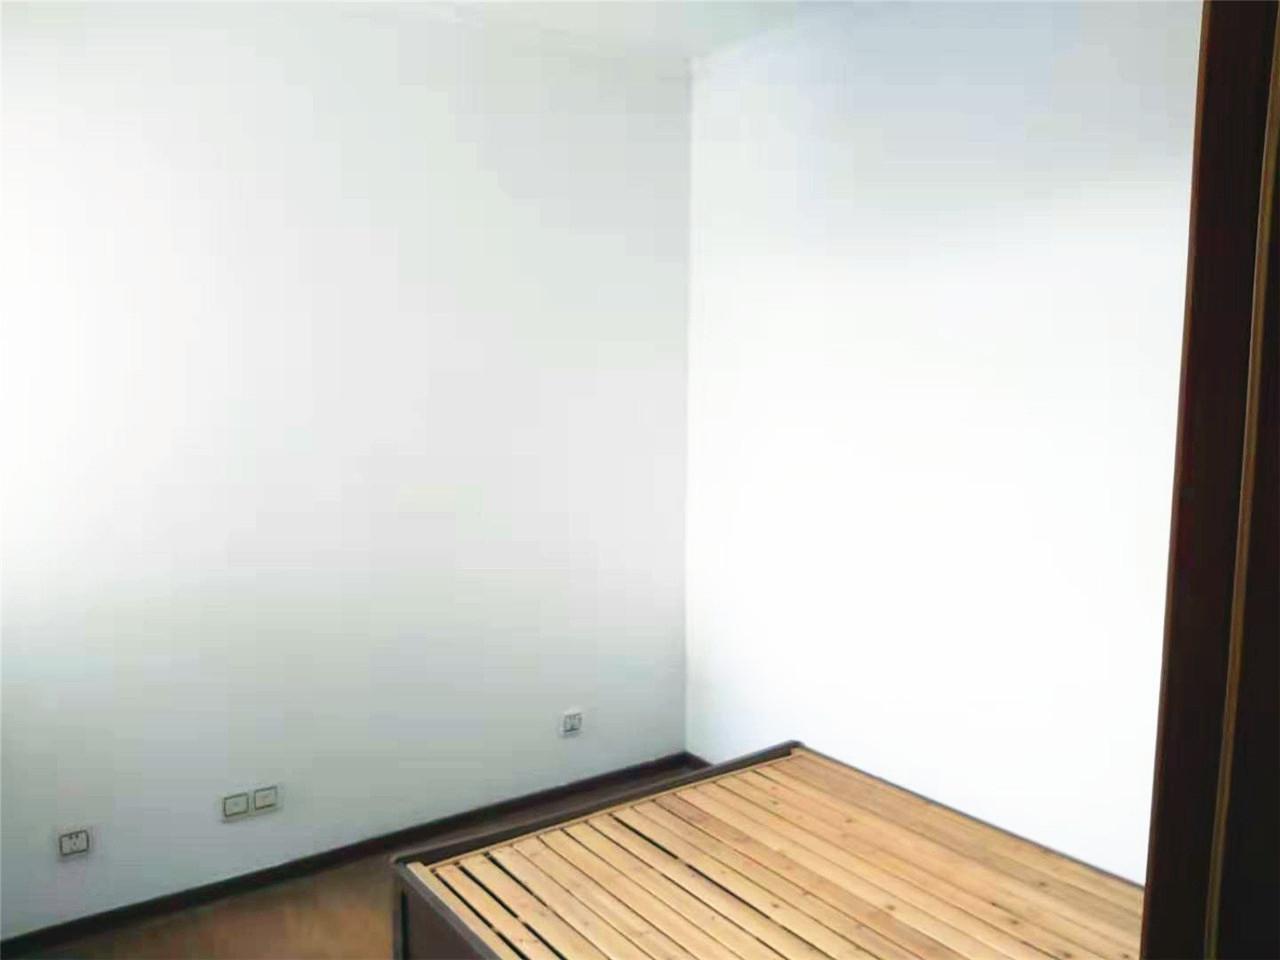 江宁区东山街道汇景新苑租房